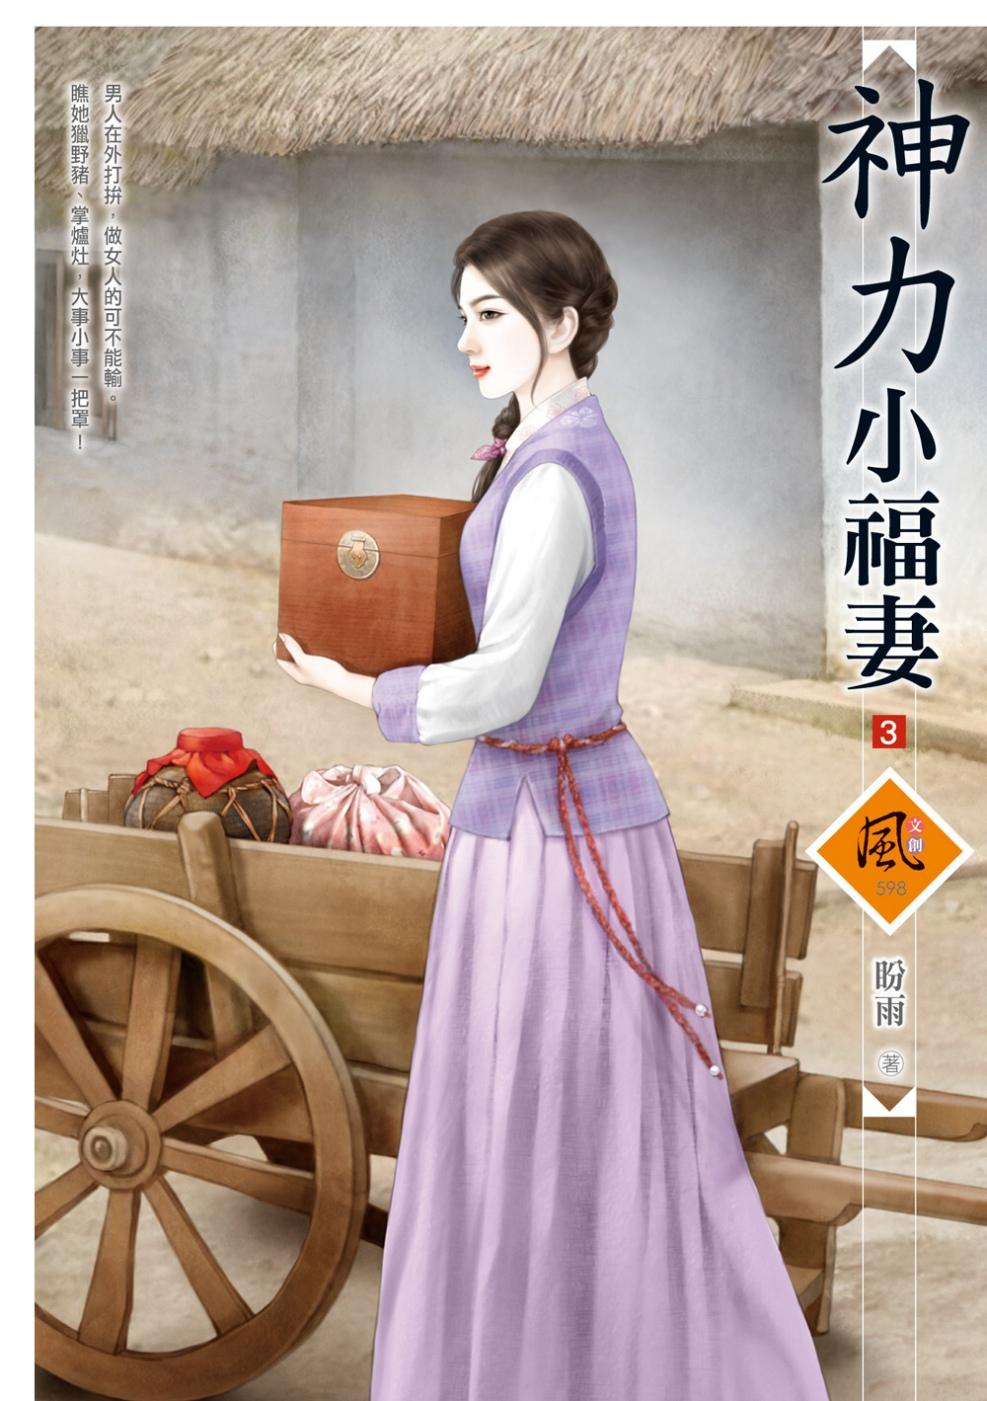 《神力小福妻 3》 商品條碼,ISBN:9789863288190